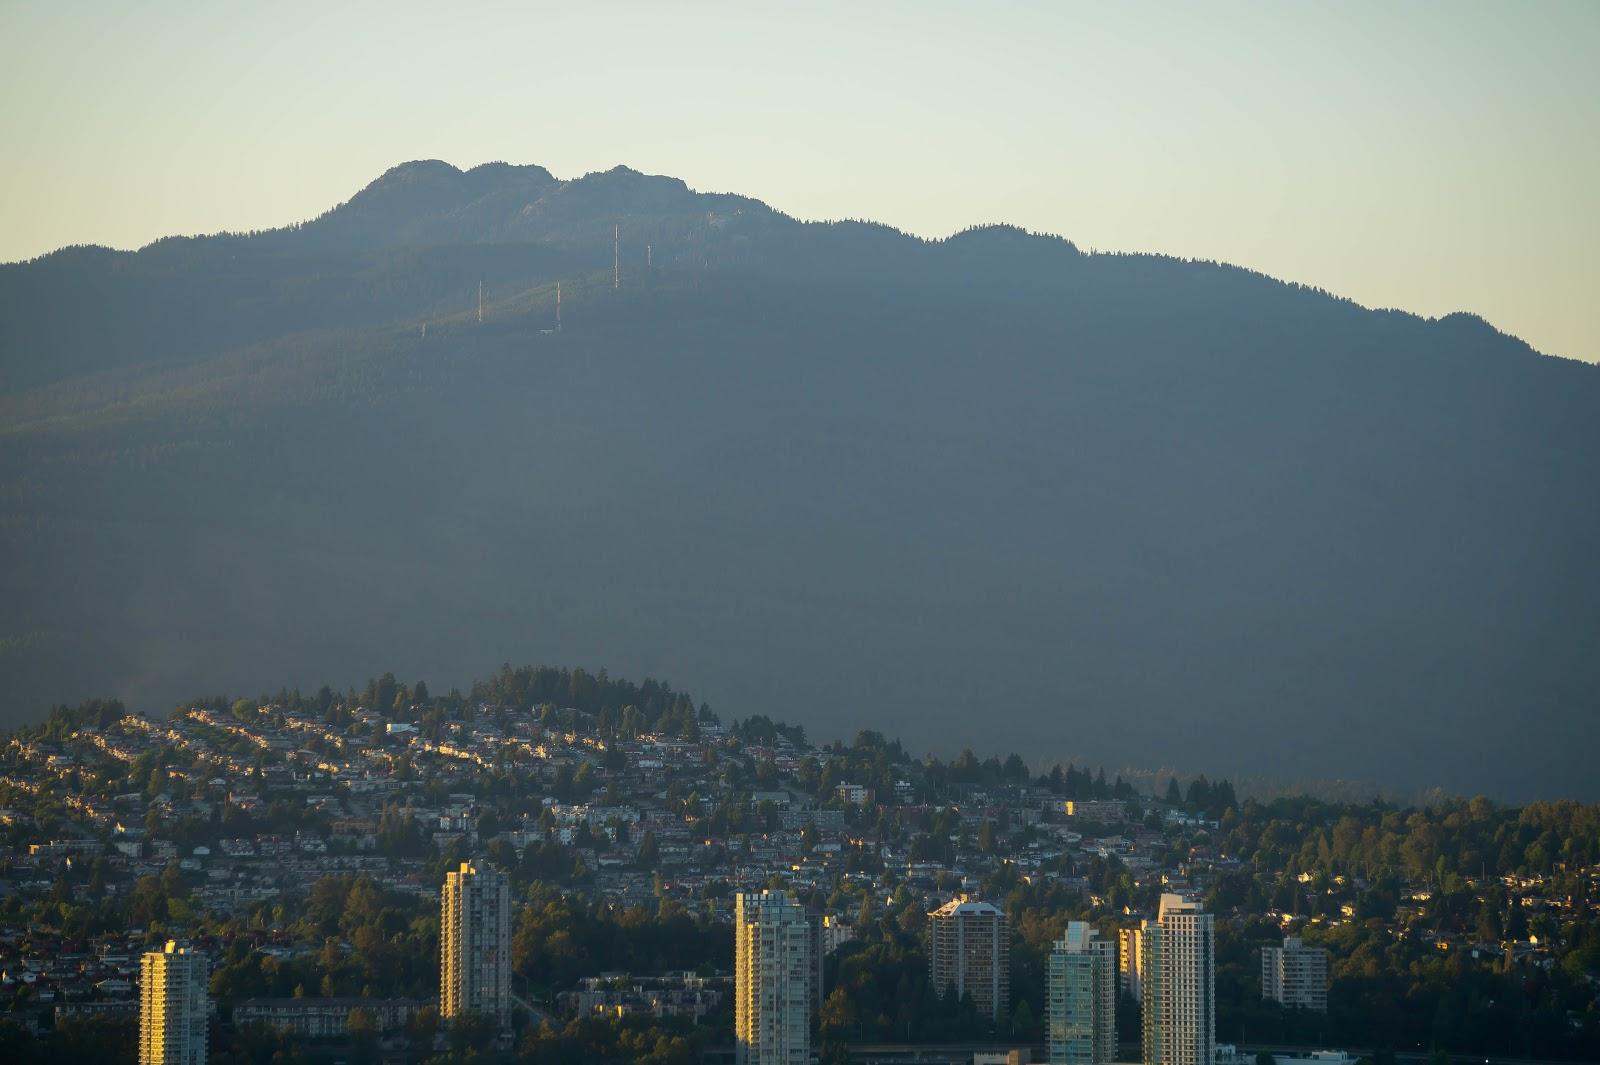 Сеймур, самая близкая к нам гора (ехать 15 минут) высотой 1450 метров